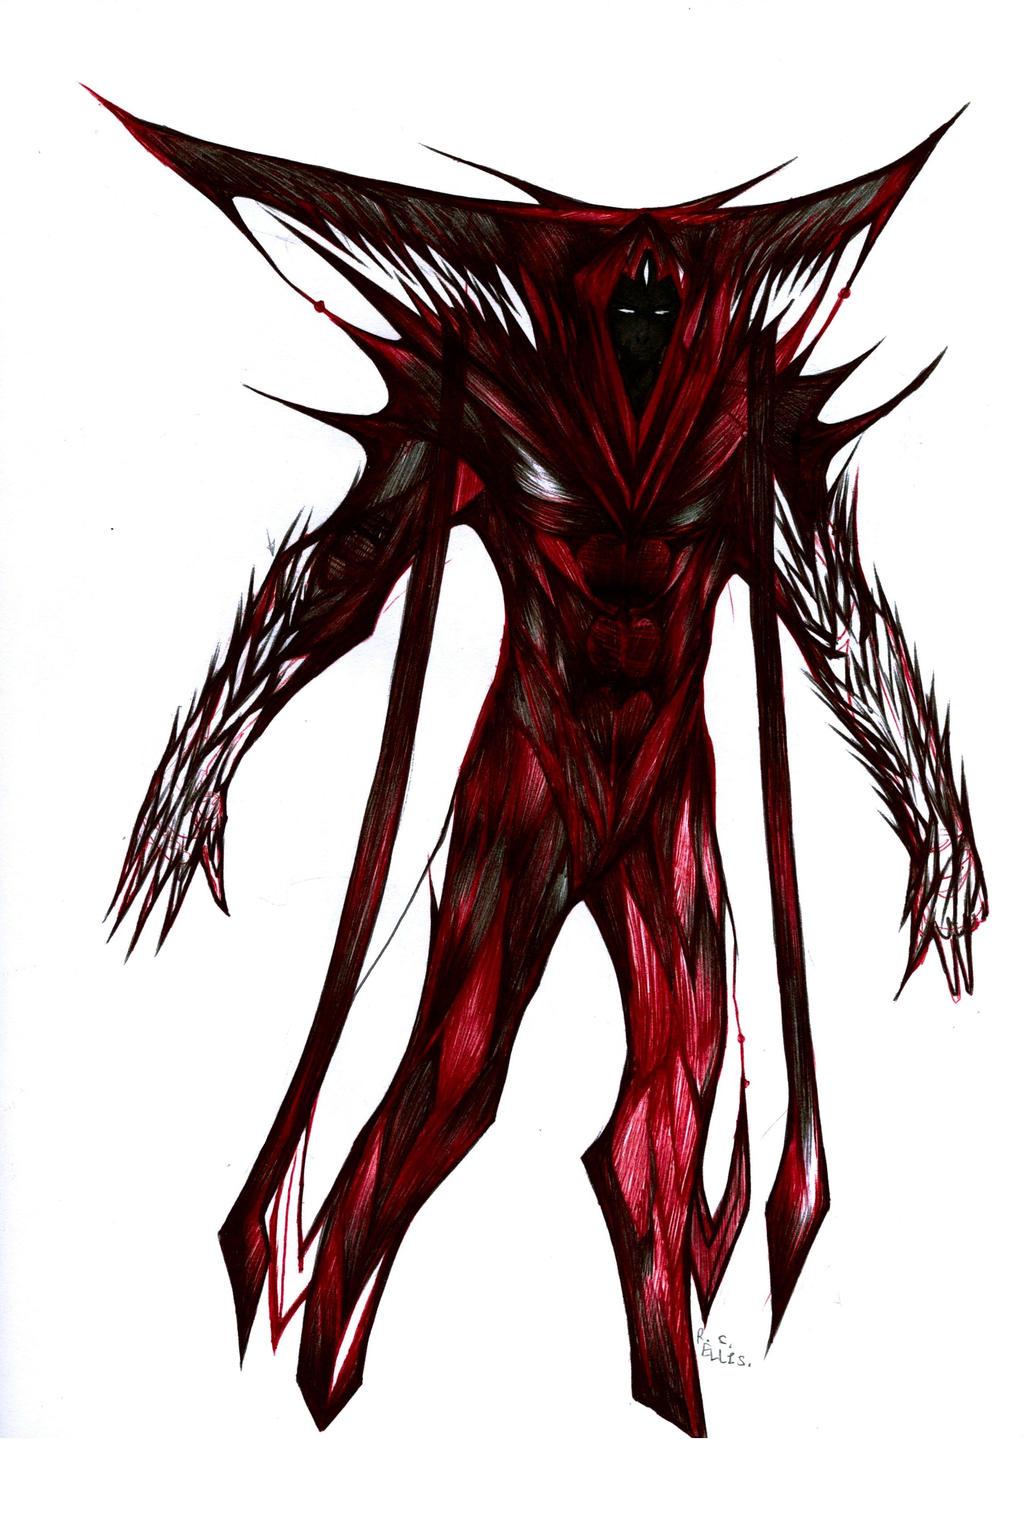 Razyr 3 - Third Echelon form by Antervantei